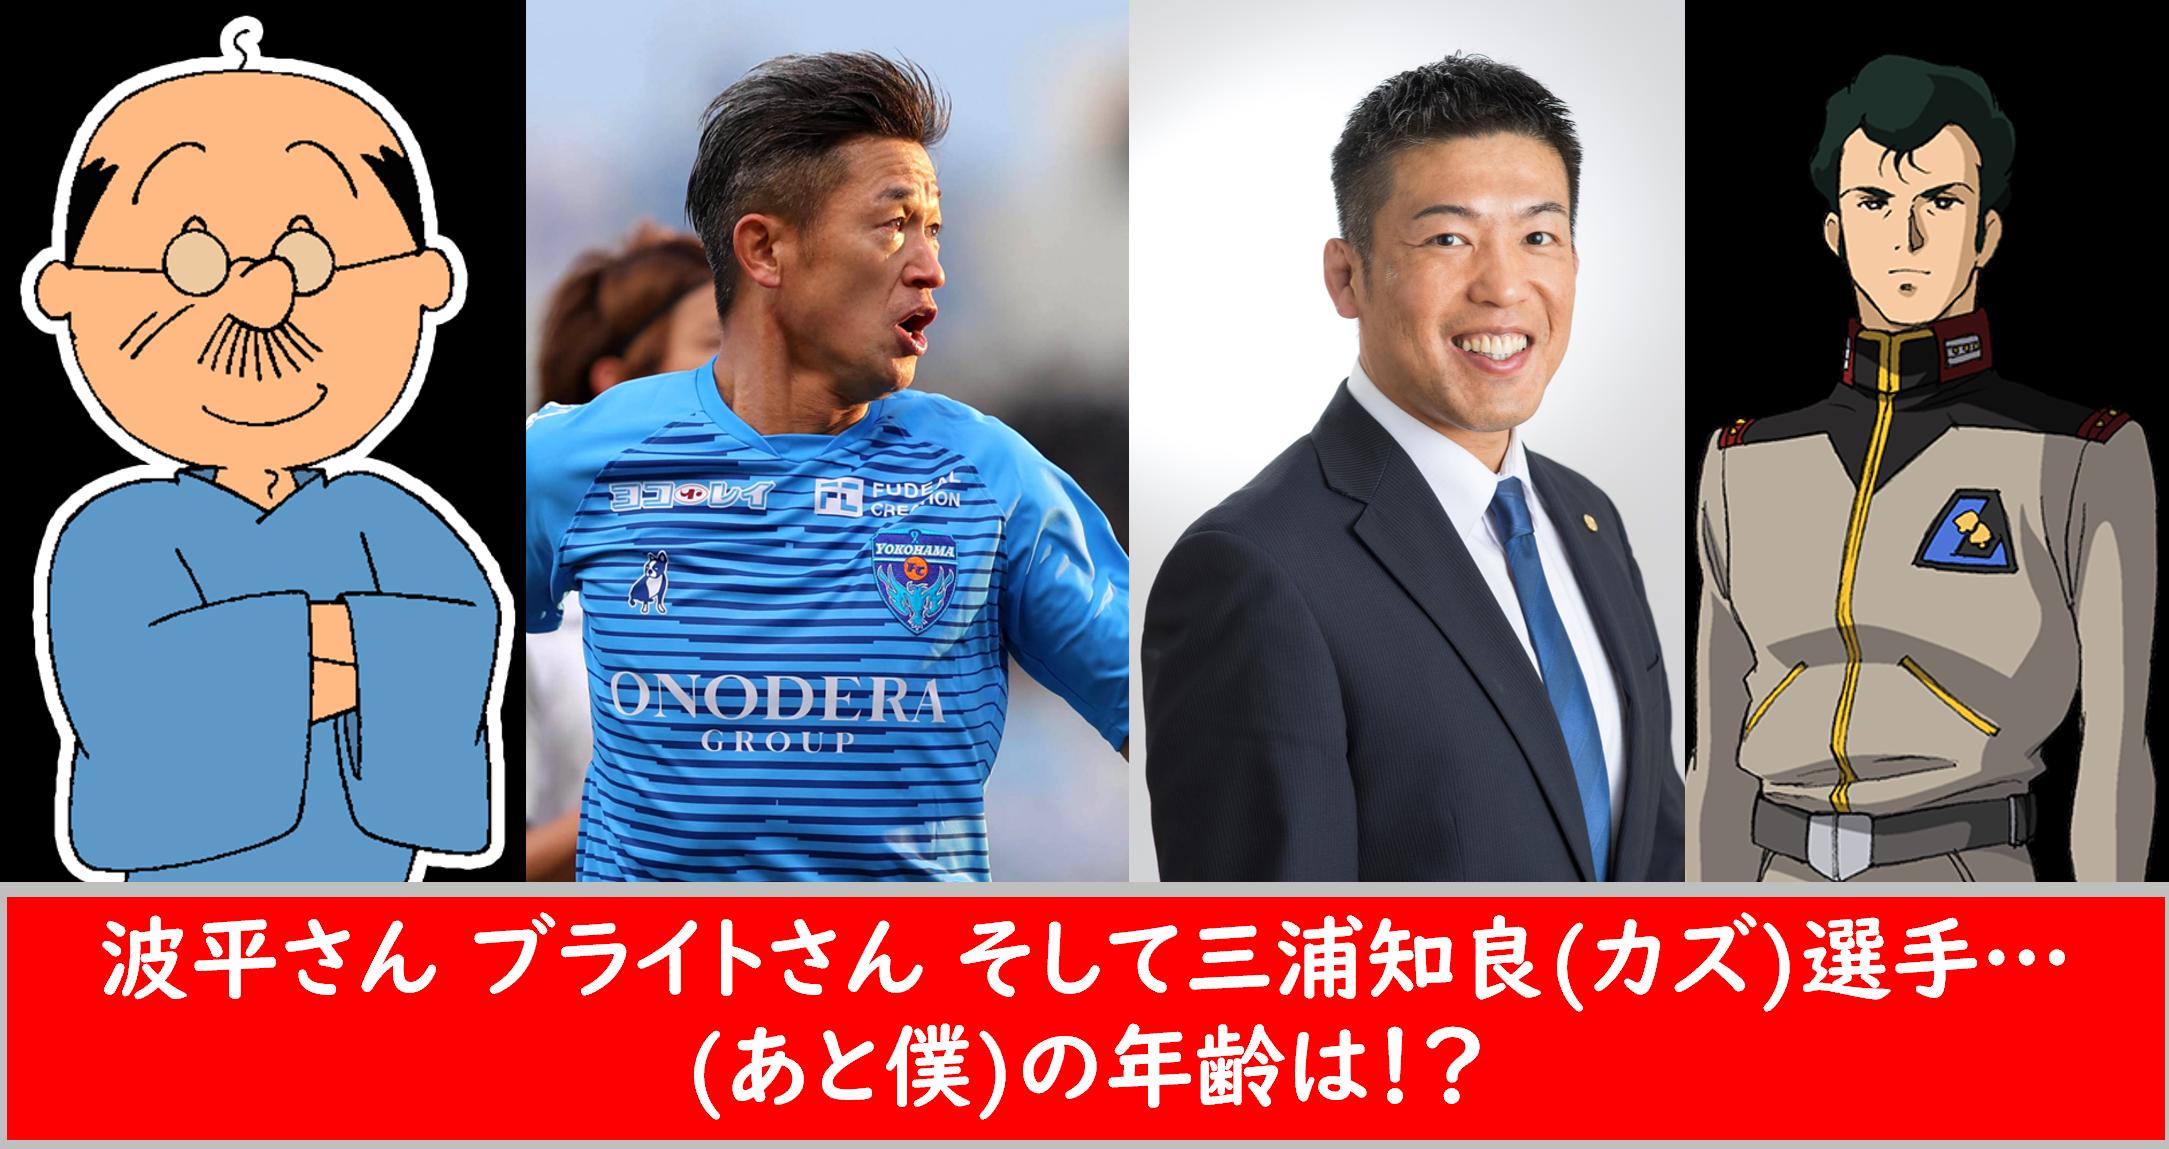 三浦知良選手、波平、ブライトの年齢